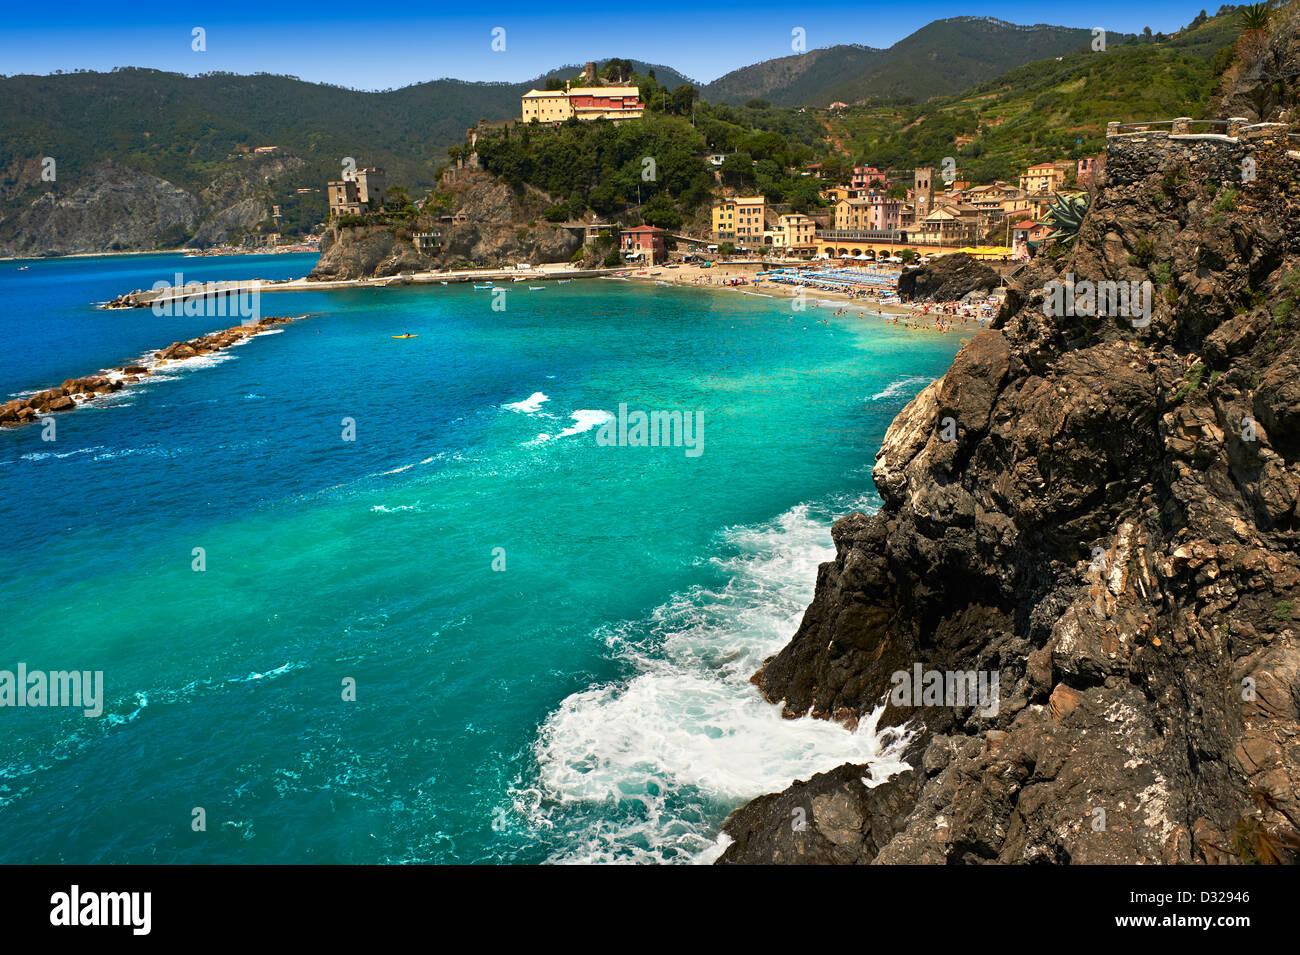 Foto di Monterosso al Mare, Parco Nazionale delle Cinque Terre, Liguria, Italia Immagini Stock